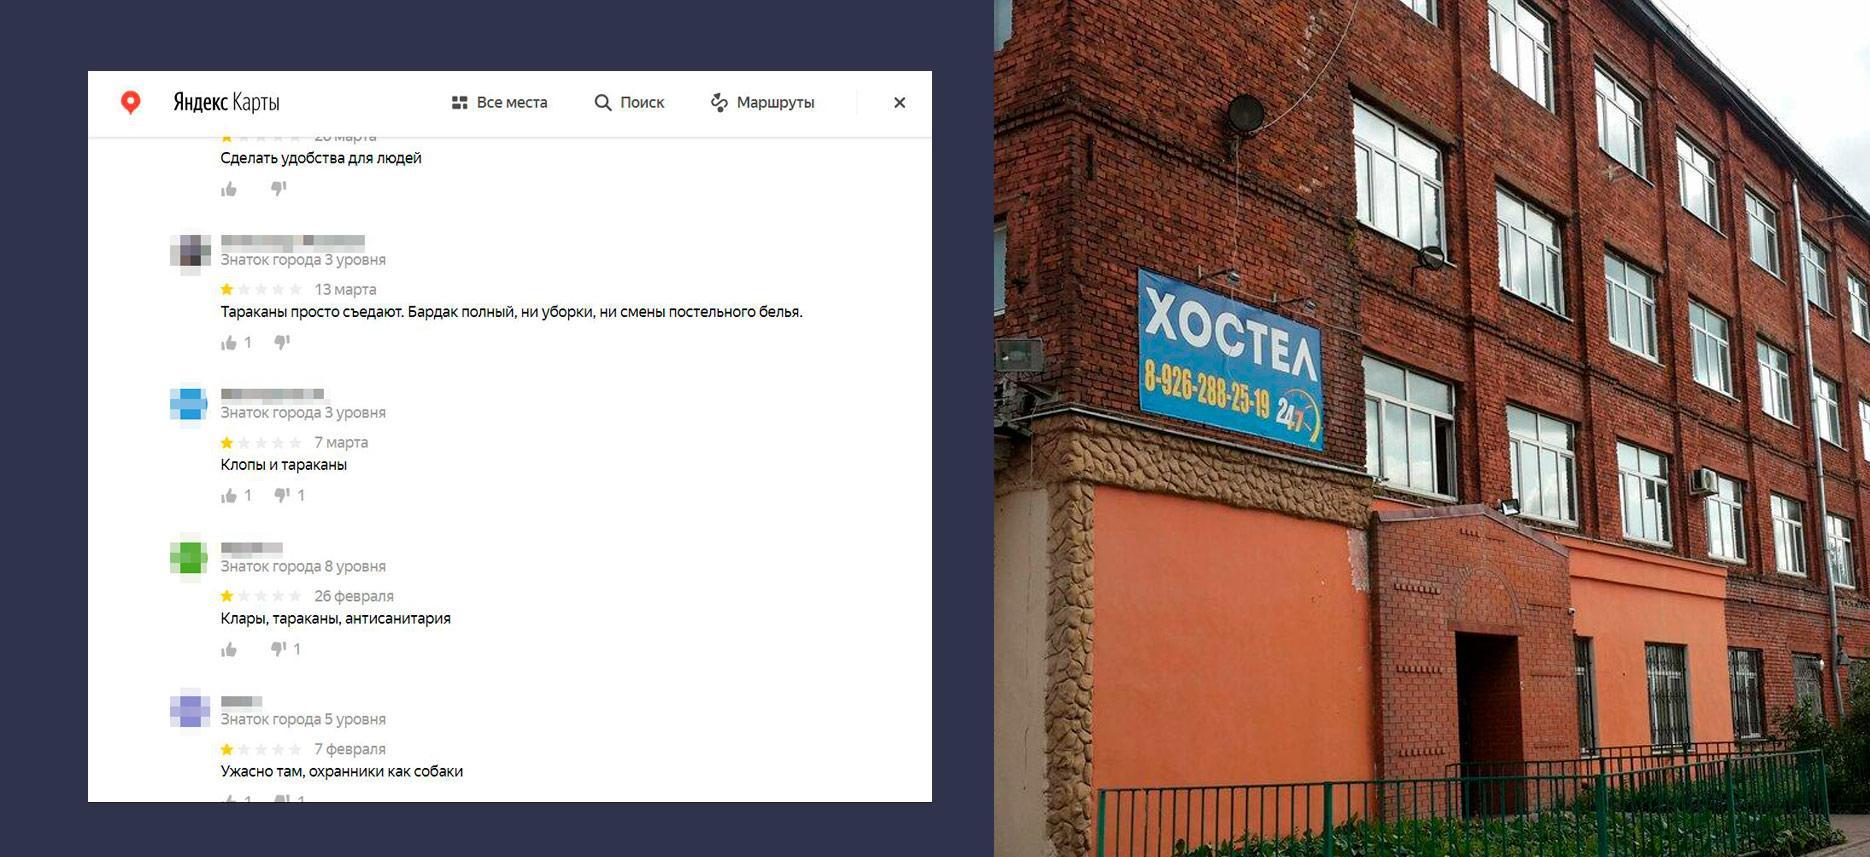 """Общежитие Wildberries, где жил дядя Миша (справа). Отзывы об общежитии (слева). Фото © """"Яндекс.Карты"""""""